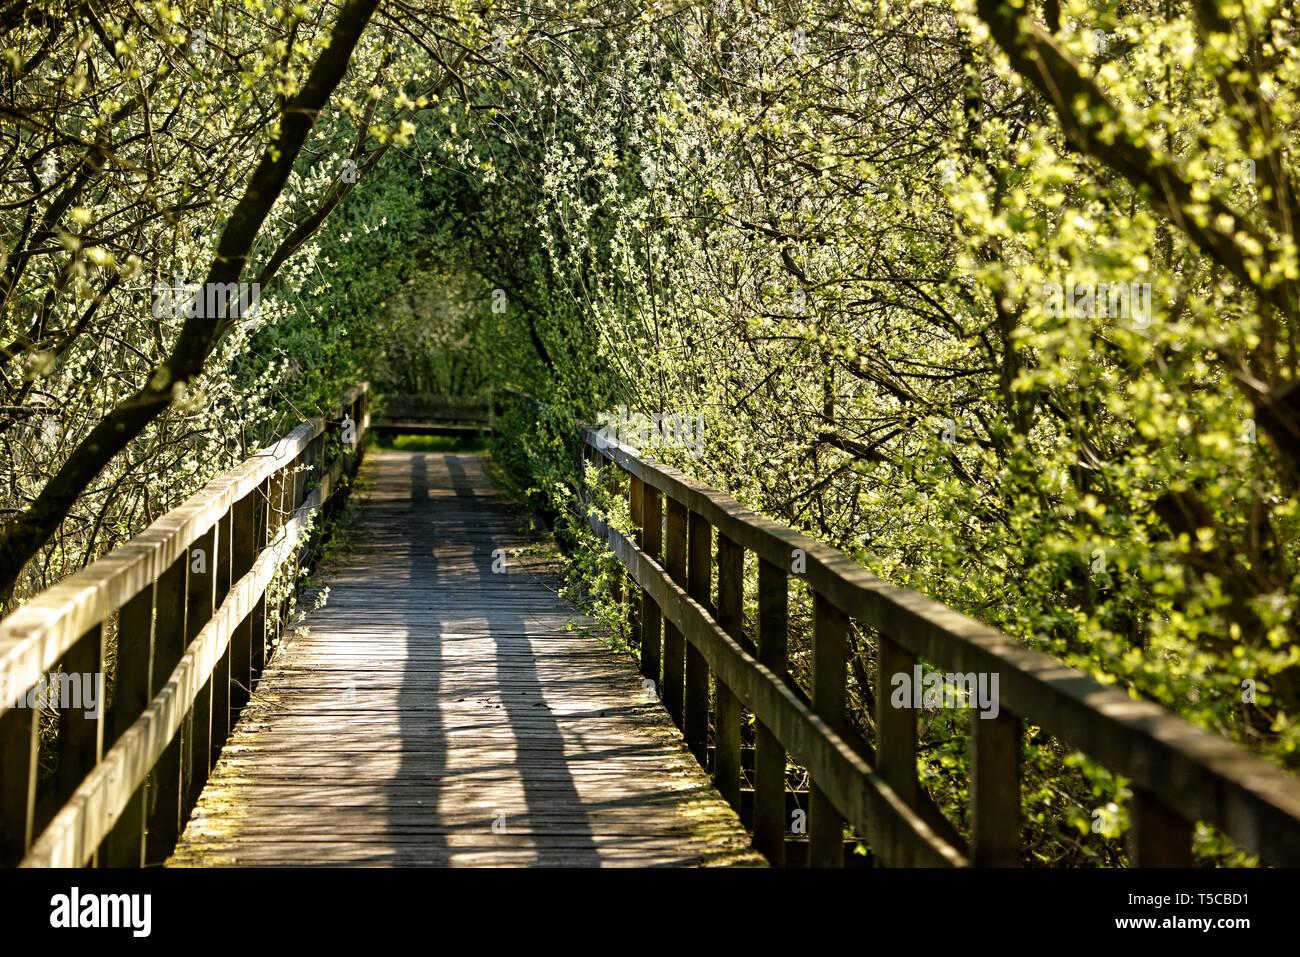 Winzlar,Wilhelmstein Insel am Steinhuder Meer,Deutschland.Bridge and Tunnel style,Steinhuder Meer. - Stock Image